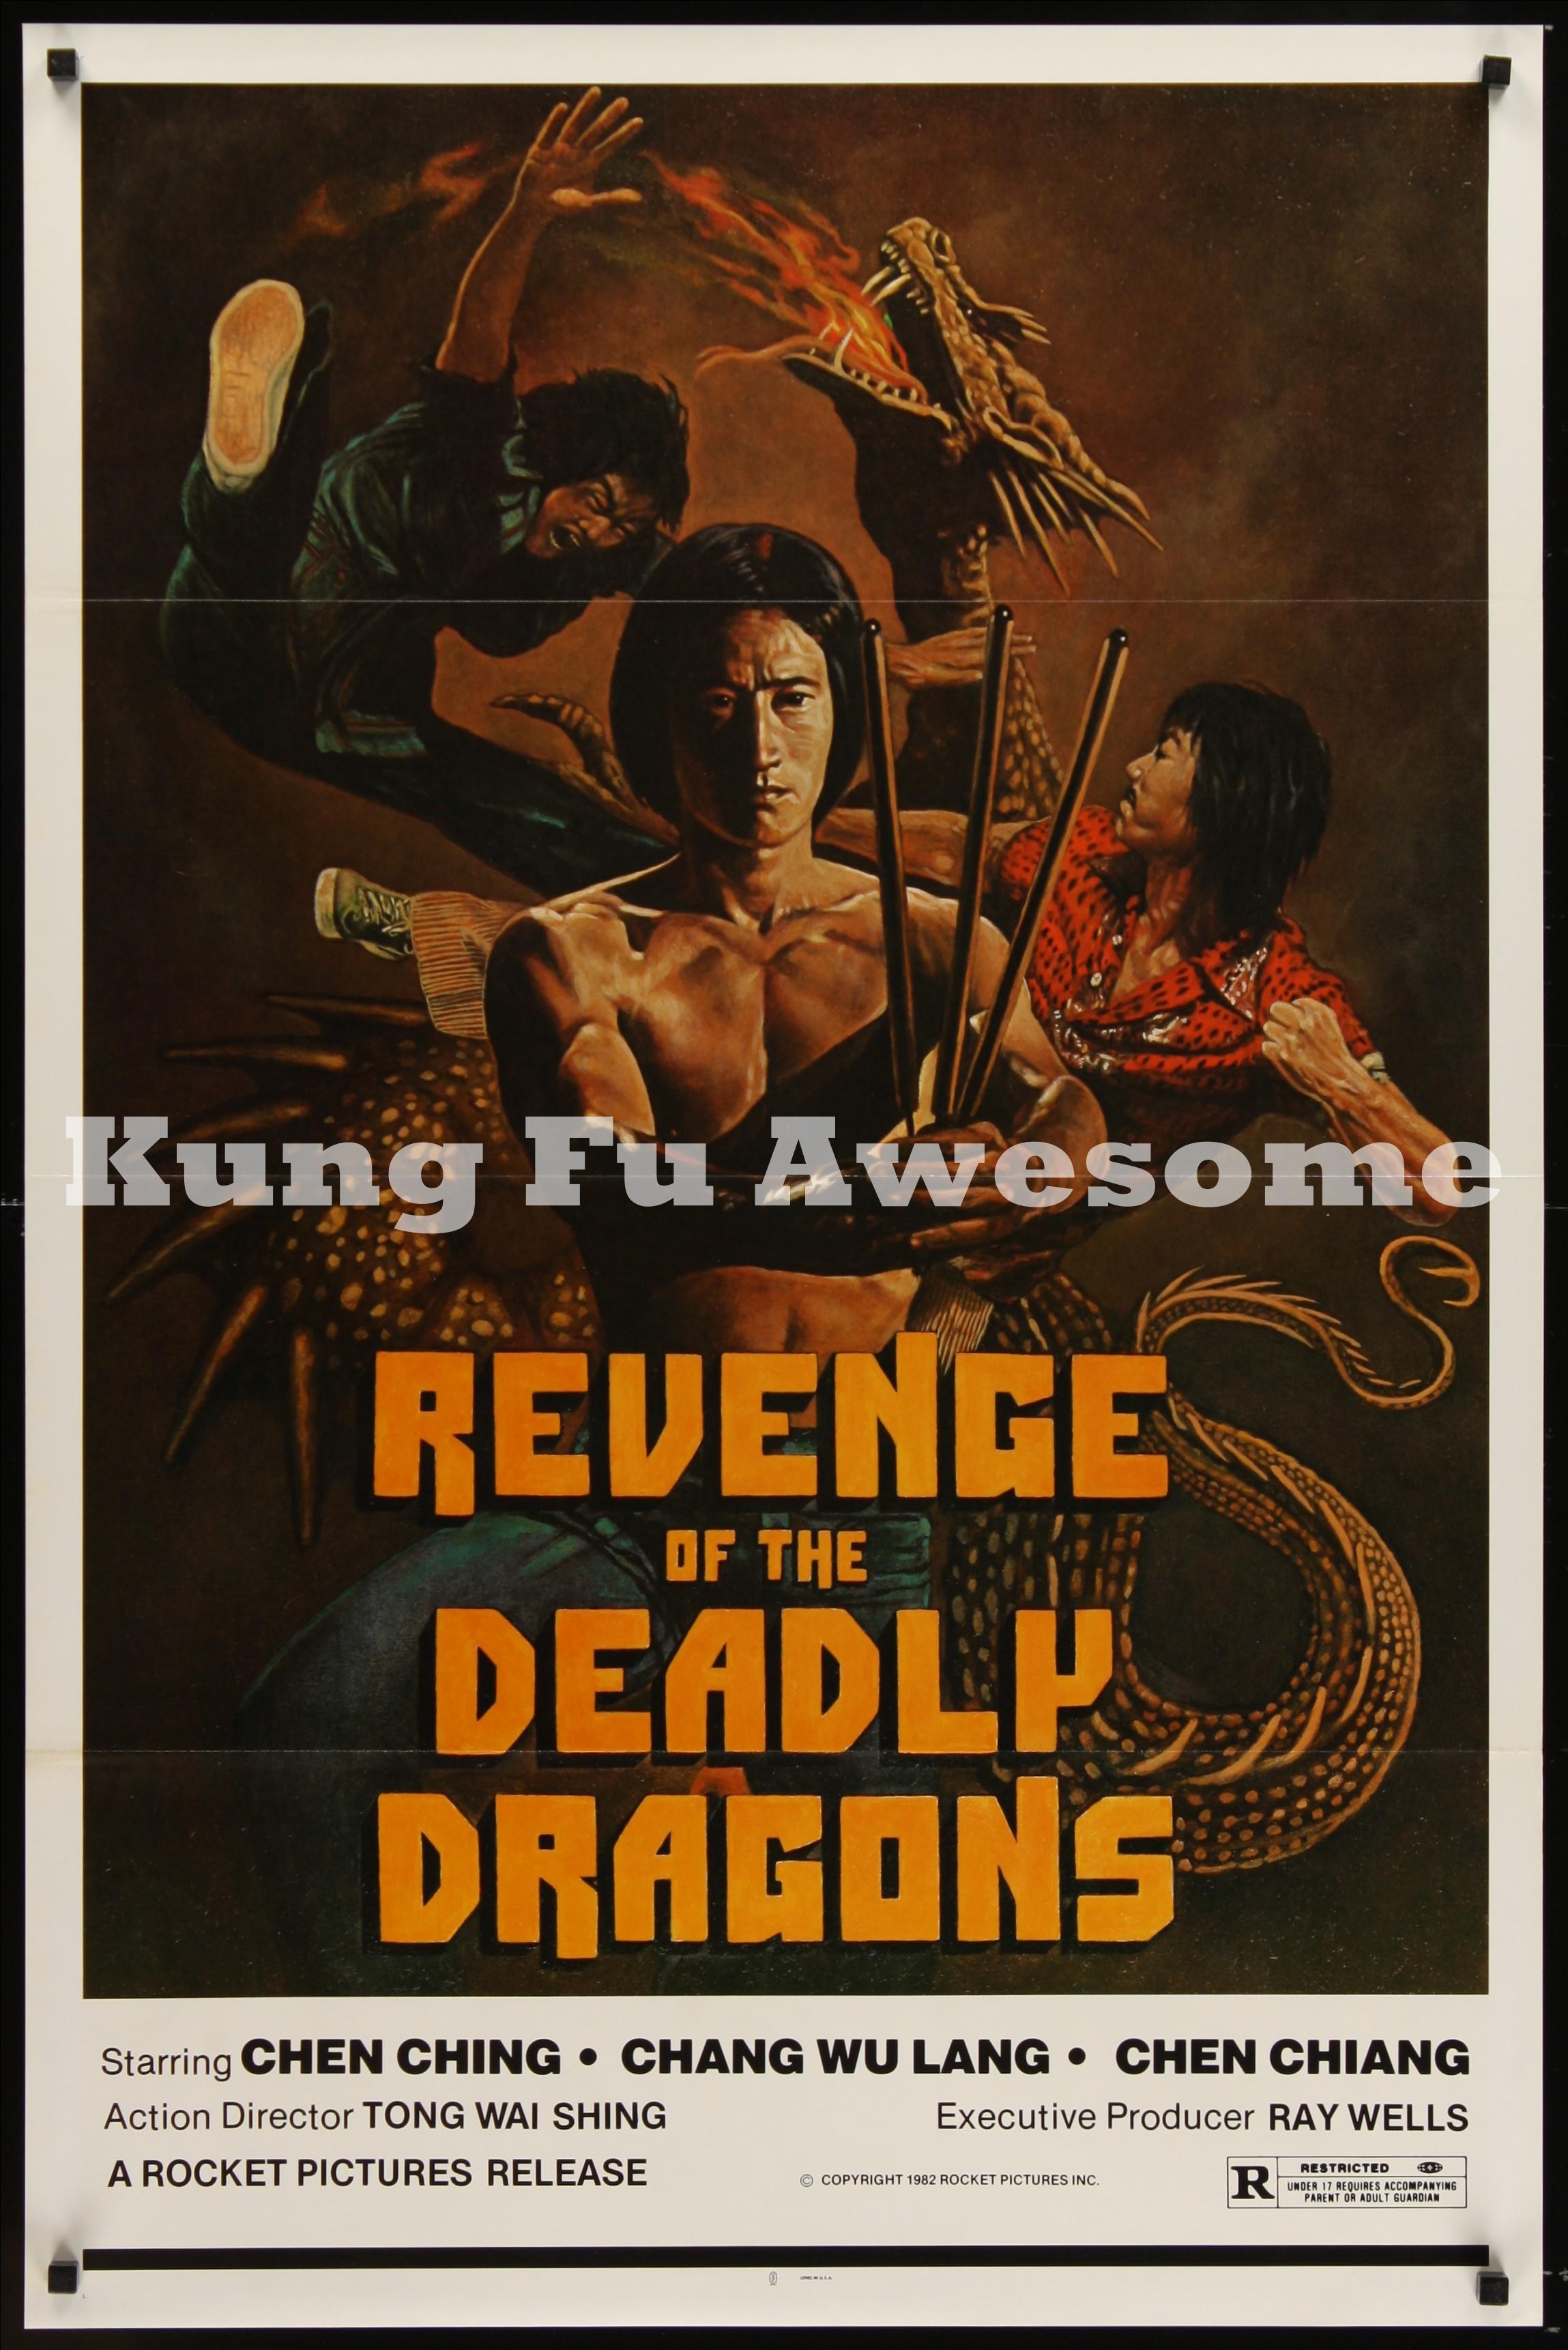 revenge_of_the_deadly_dragons_NZ03749_L.jpg